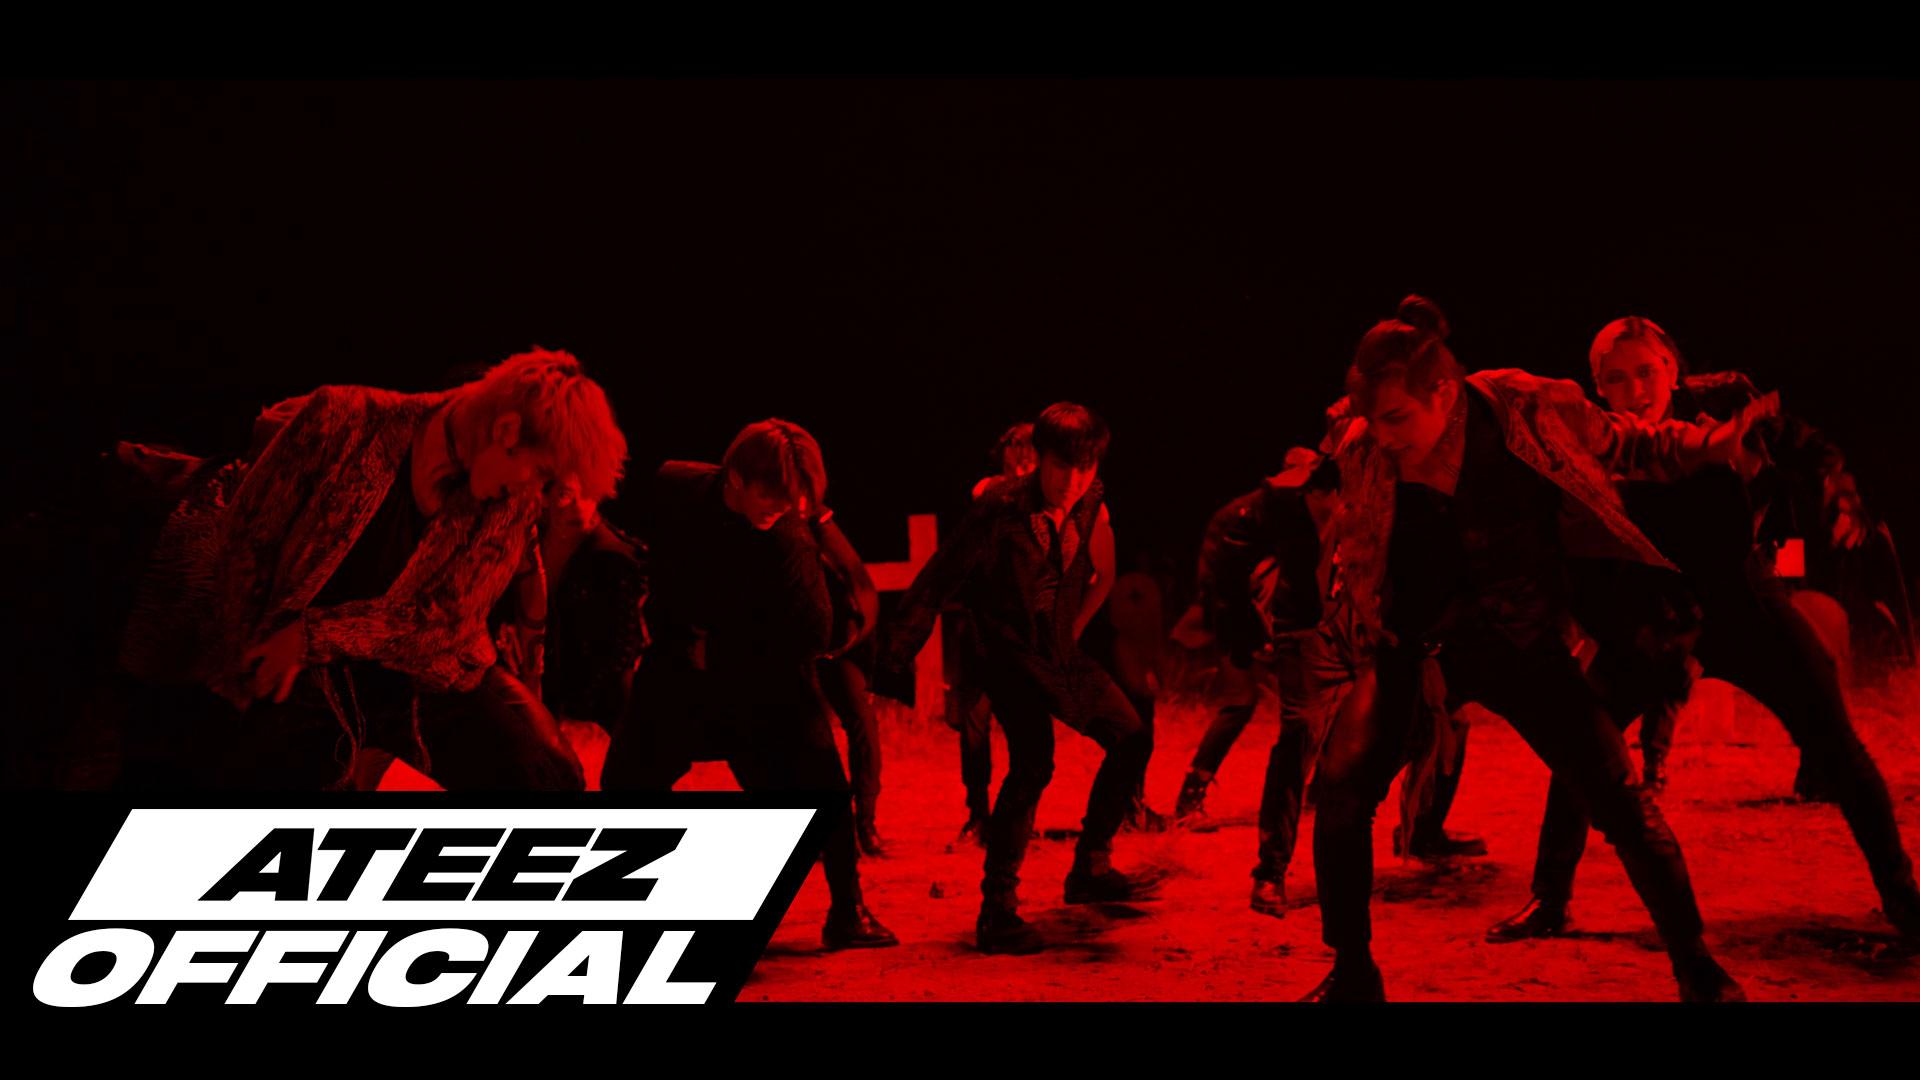 ATEEZ(에이티즈) - 'THE BLACK CAT NERO' Halloween Performance Video Teaser